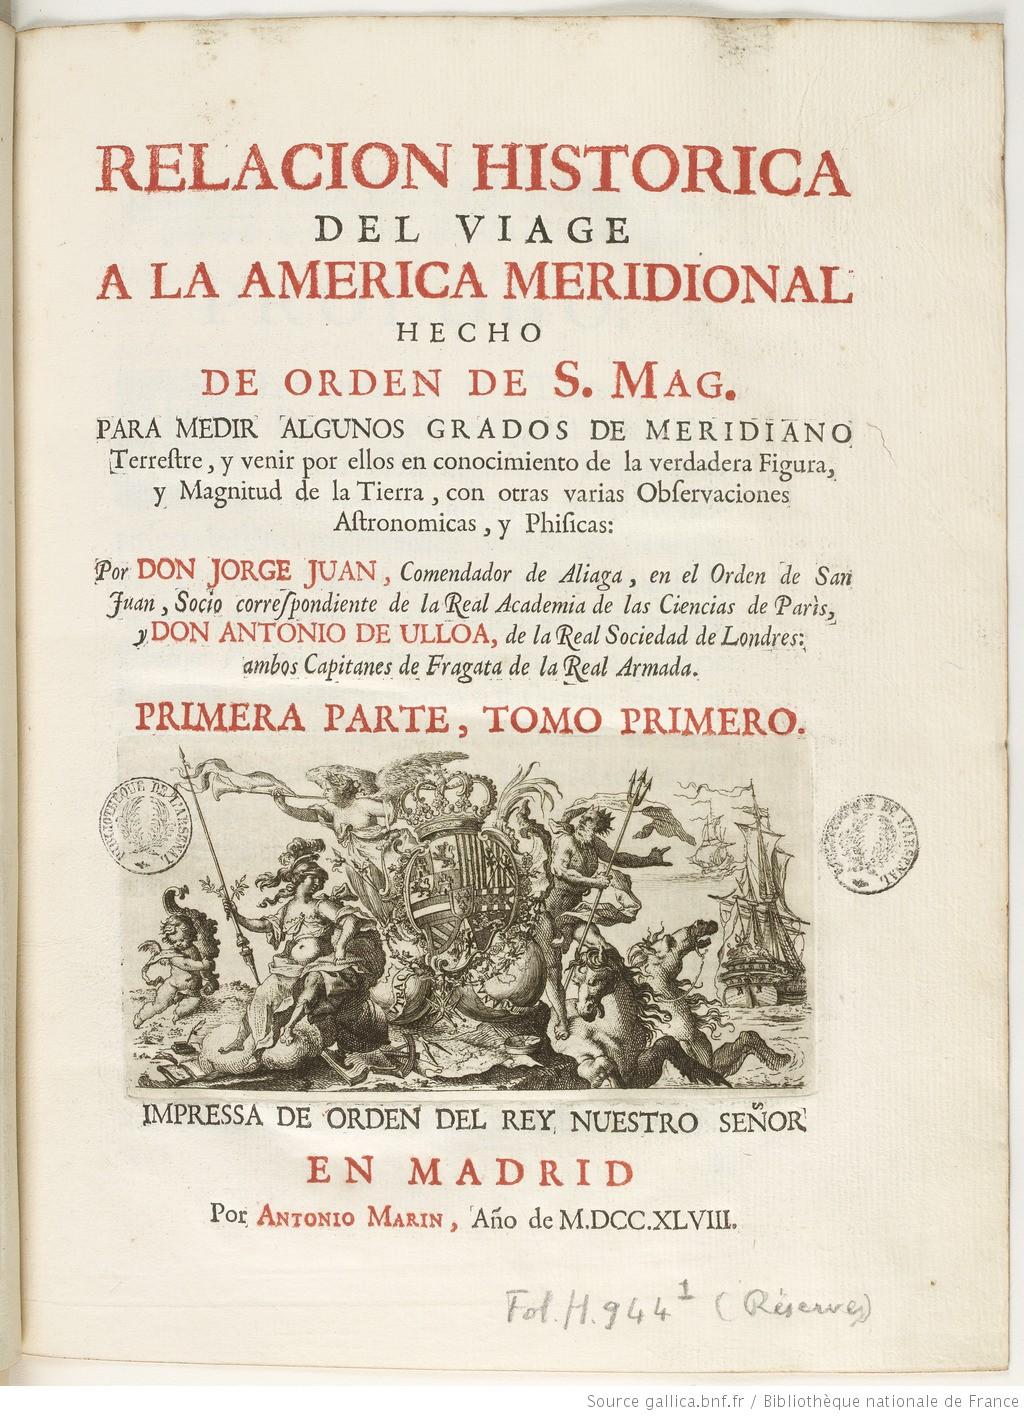 Relación_histórica_del_viage_a_[...]Juan_y_bpt6k1520126h